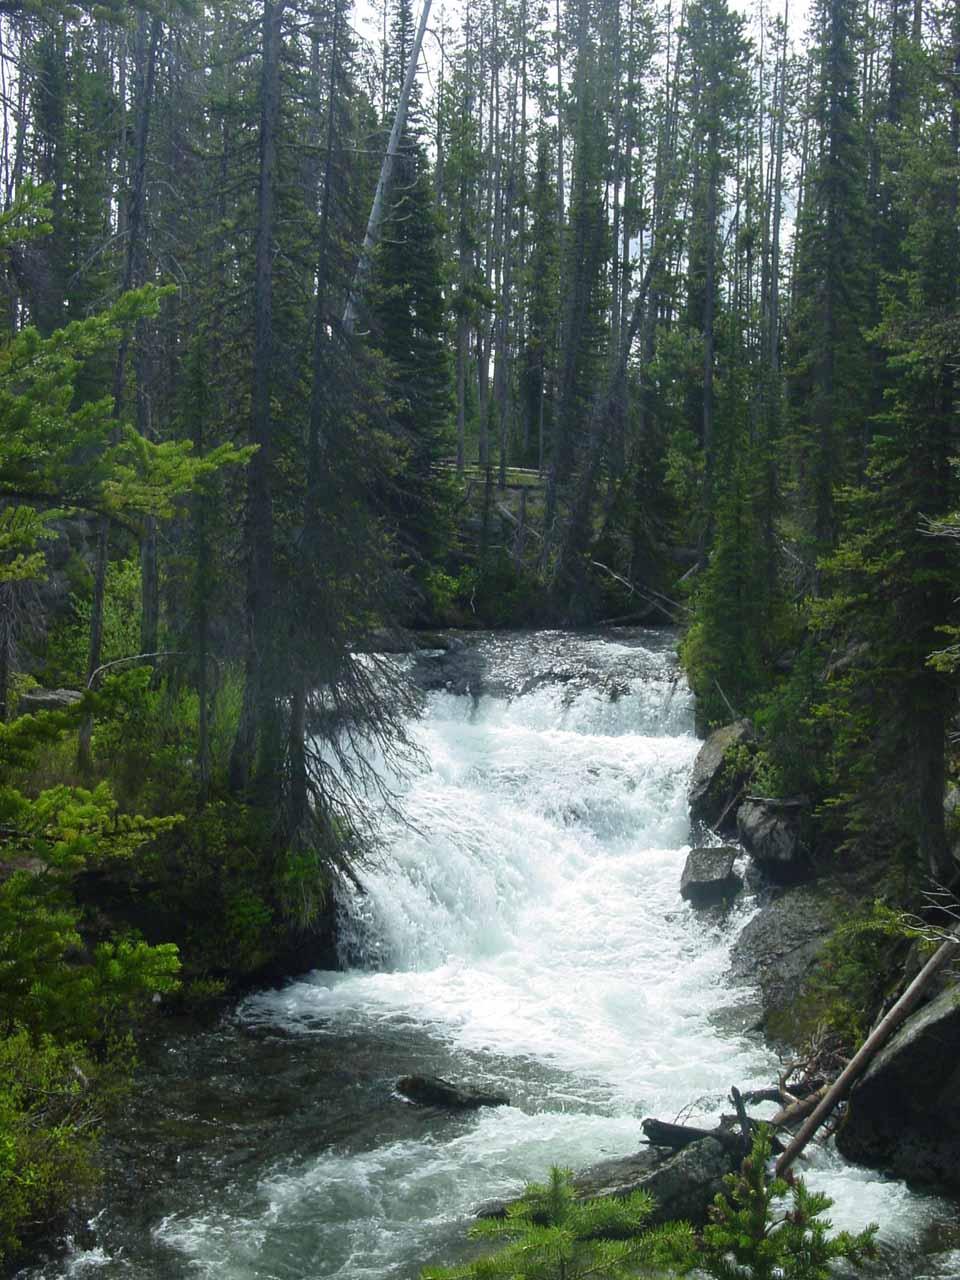 Some cascades seen along Cascade Creek